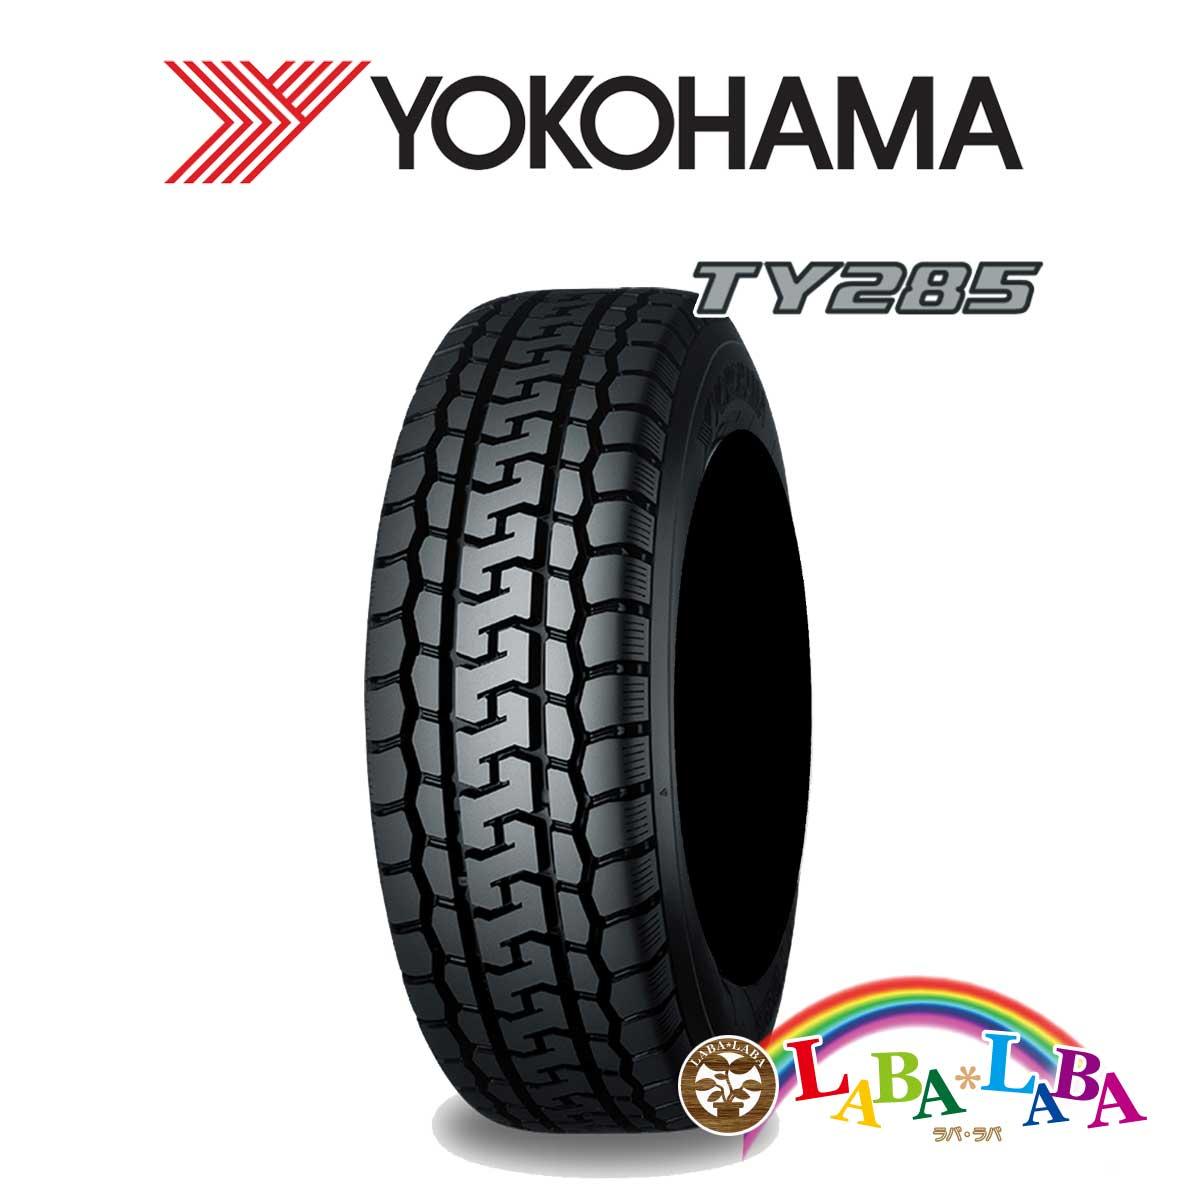 送料無料 国産タイヤ サマータイヤ 新品 タイヤのみ 2本SET YOKOHAMA ヨコハマ 世界の人気ブランド LT 215 118 バン TY285 116L 販売期間 限定のお得なタイムセール 70R17.5 2本セット